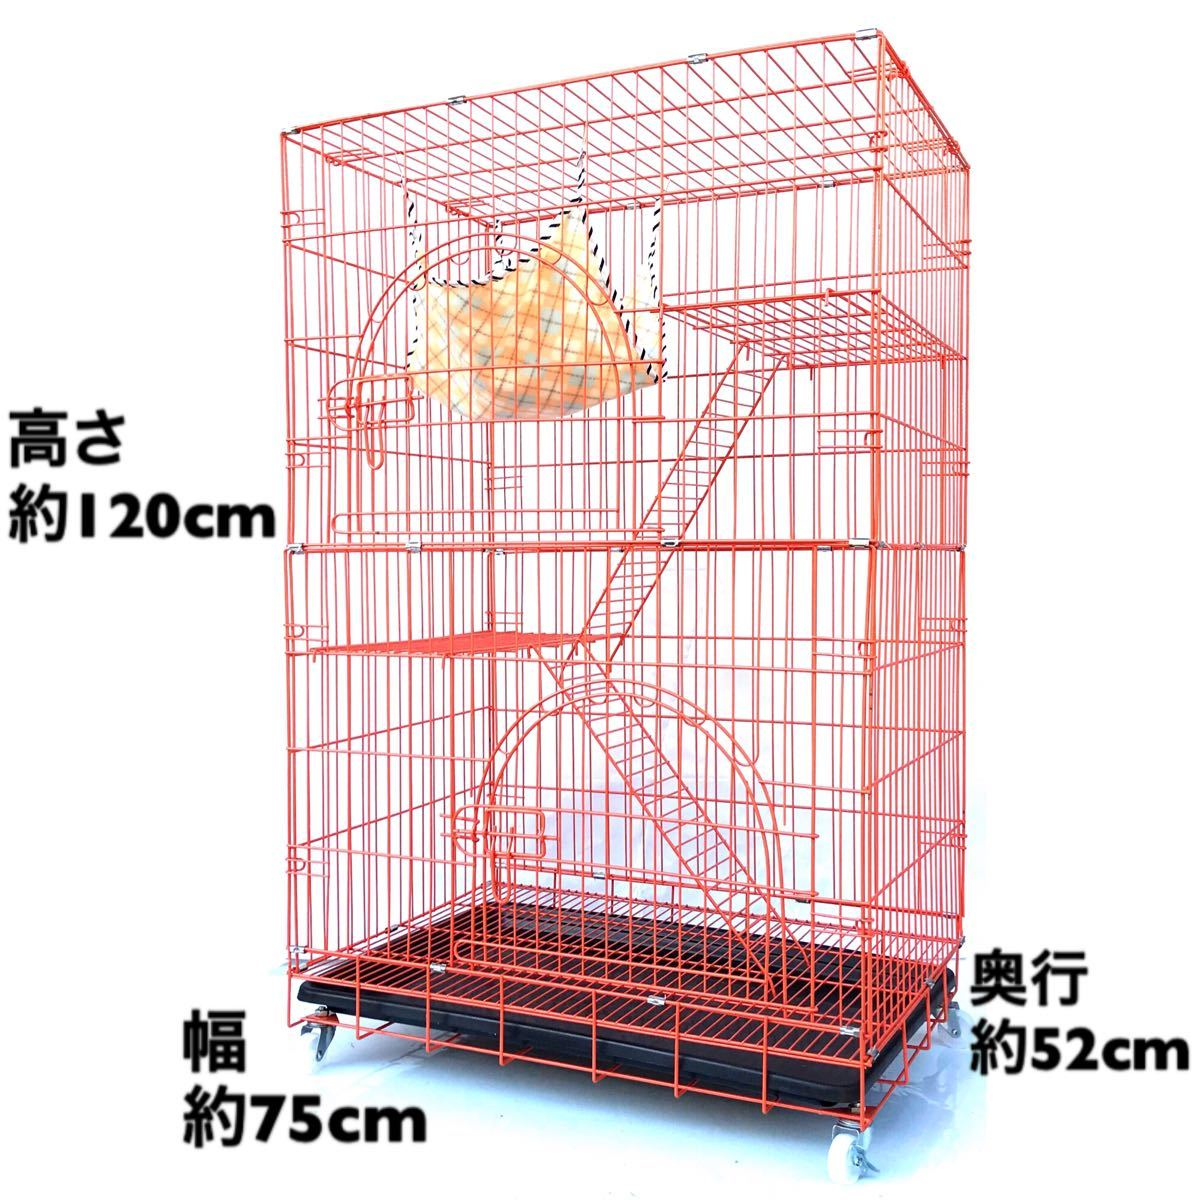 キャットケージ 猫ケージ ネコゲージ 大型 2段3段 折りたたみ式 ペットハウス 小動物 室内 快適空間 キャロット オレンジ 橙